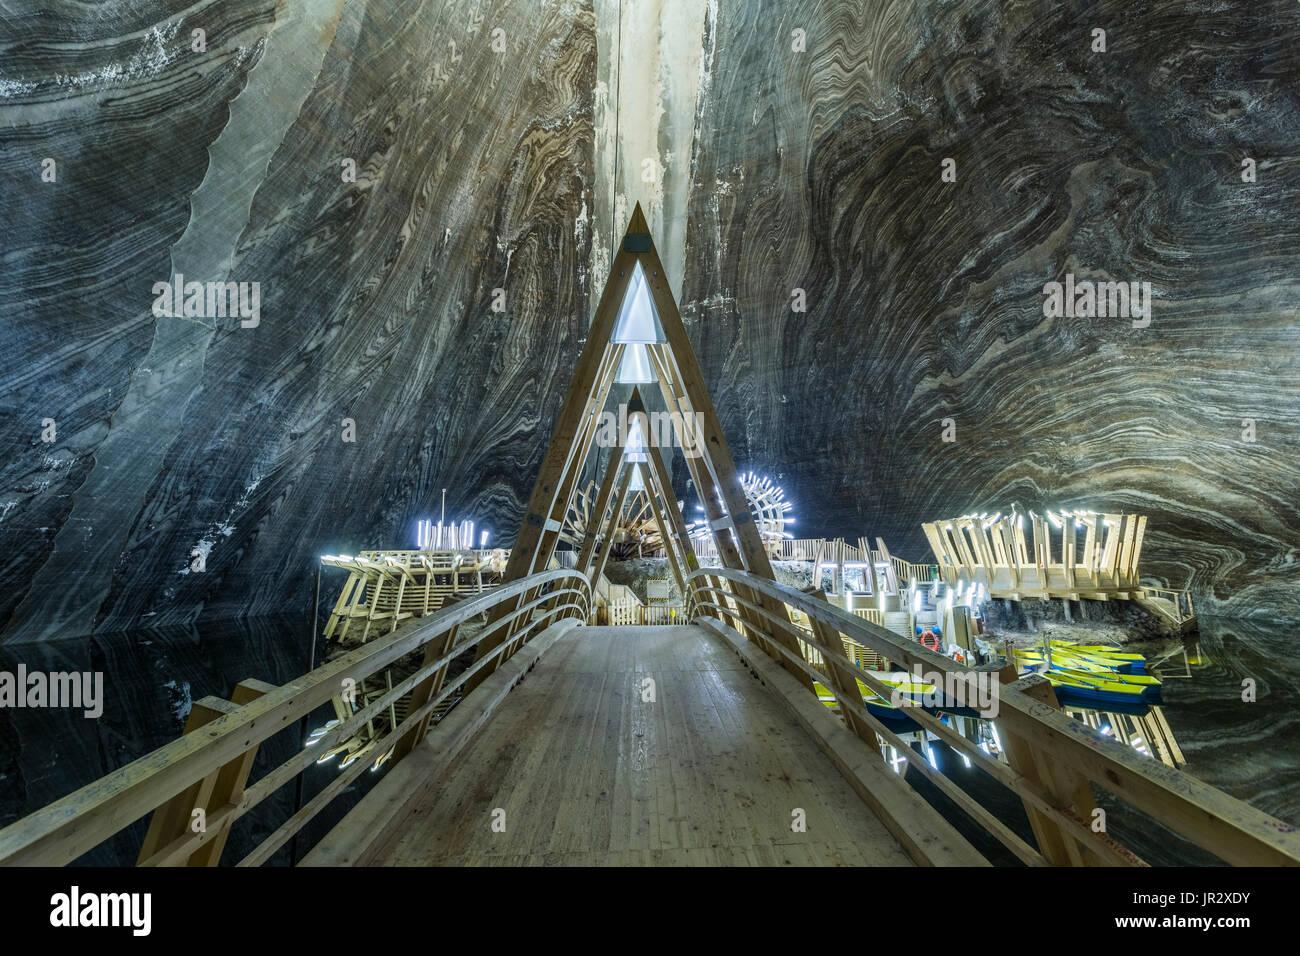 La Turda Miniera di sale in Romania - uno dei più cool luogo sotterraneo nel mondo Immagini Stock